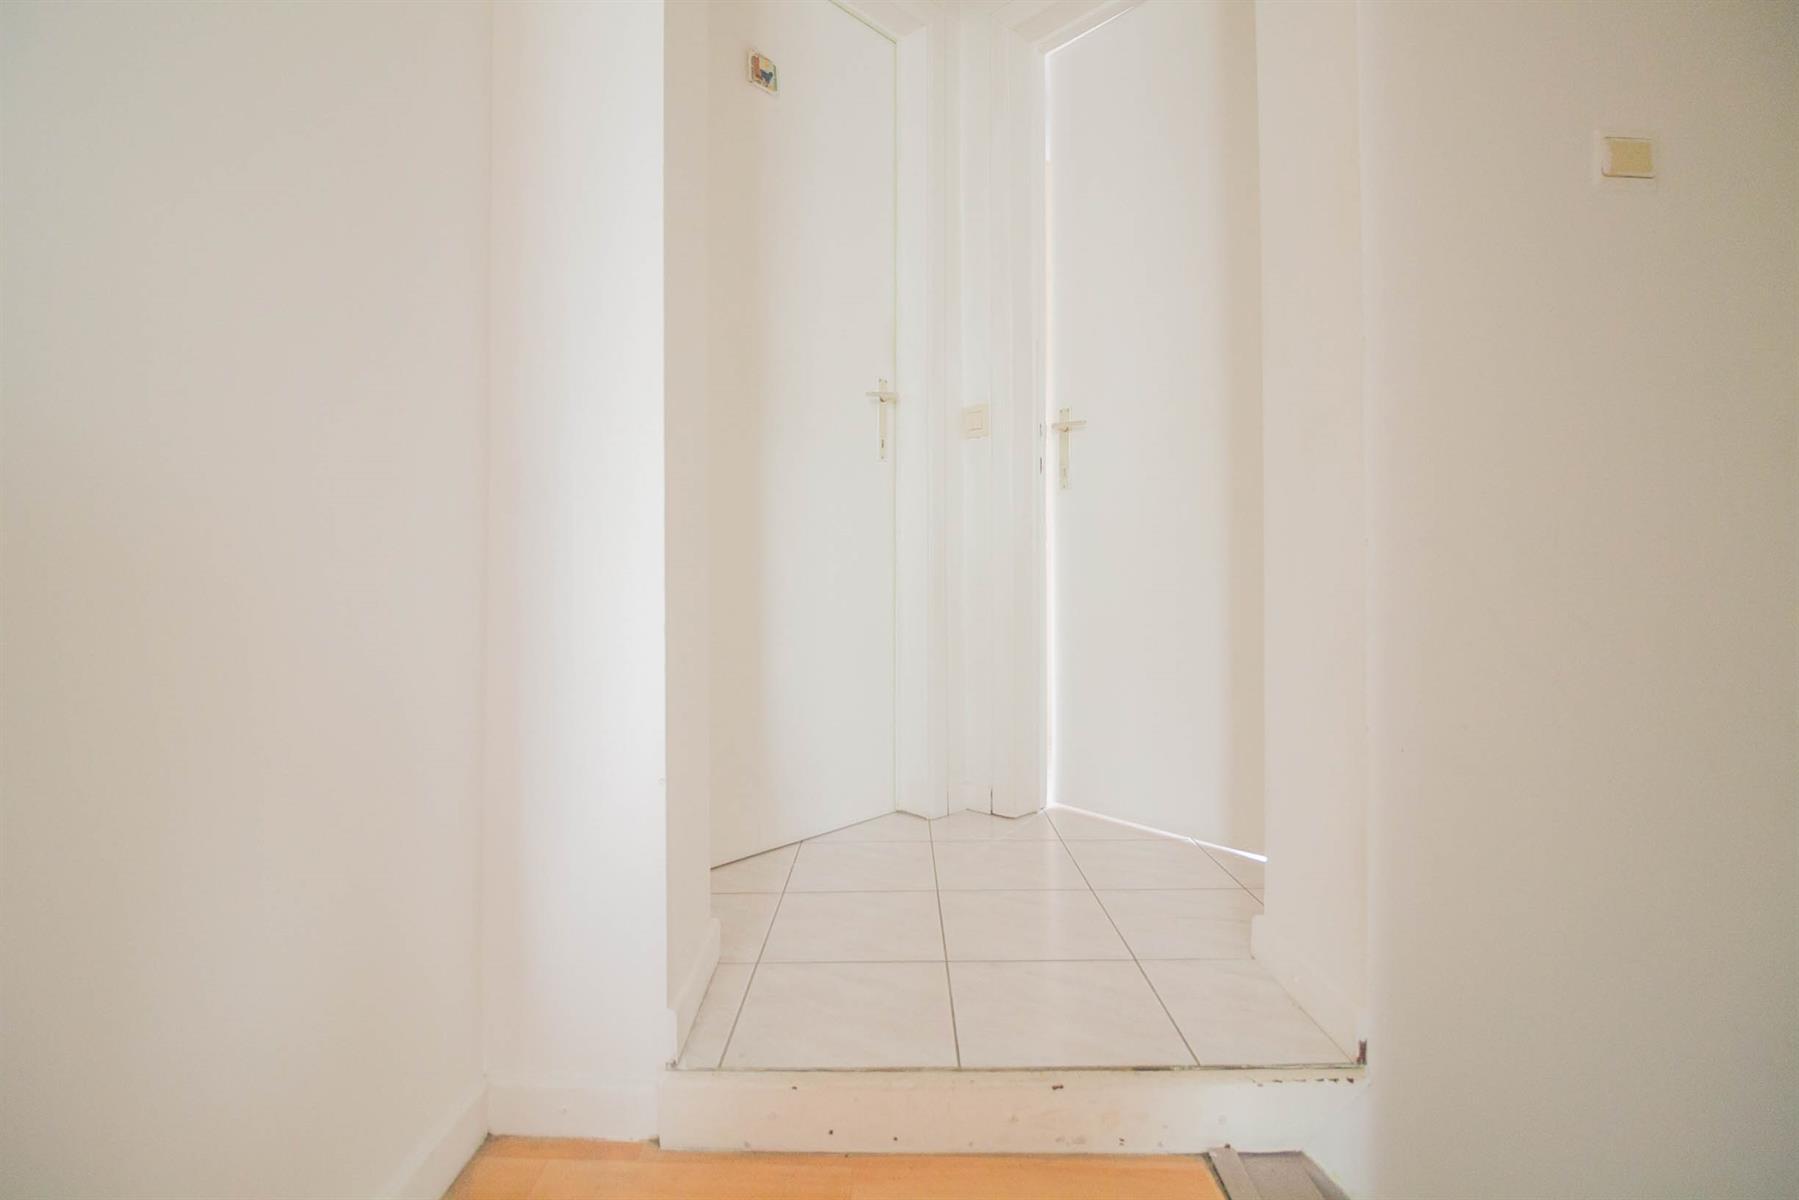 Maison - Wangenies - #4035741-10